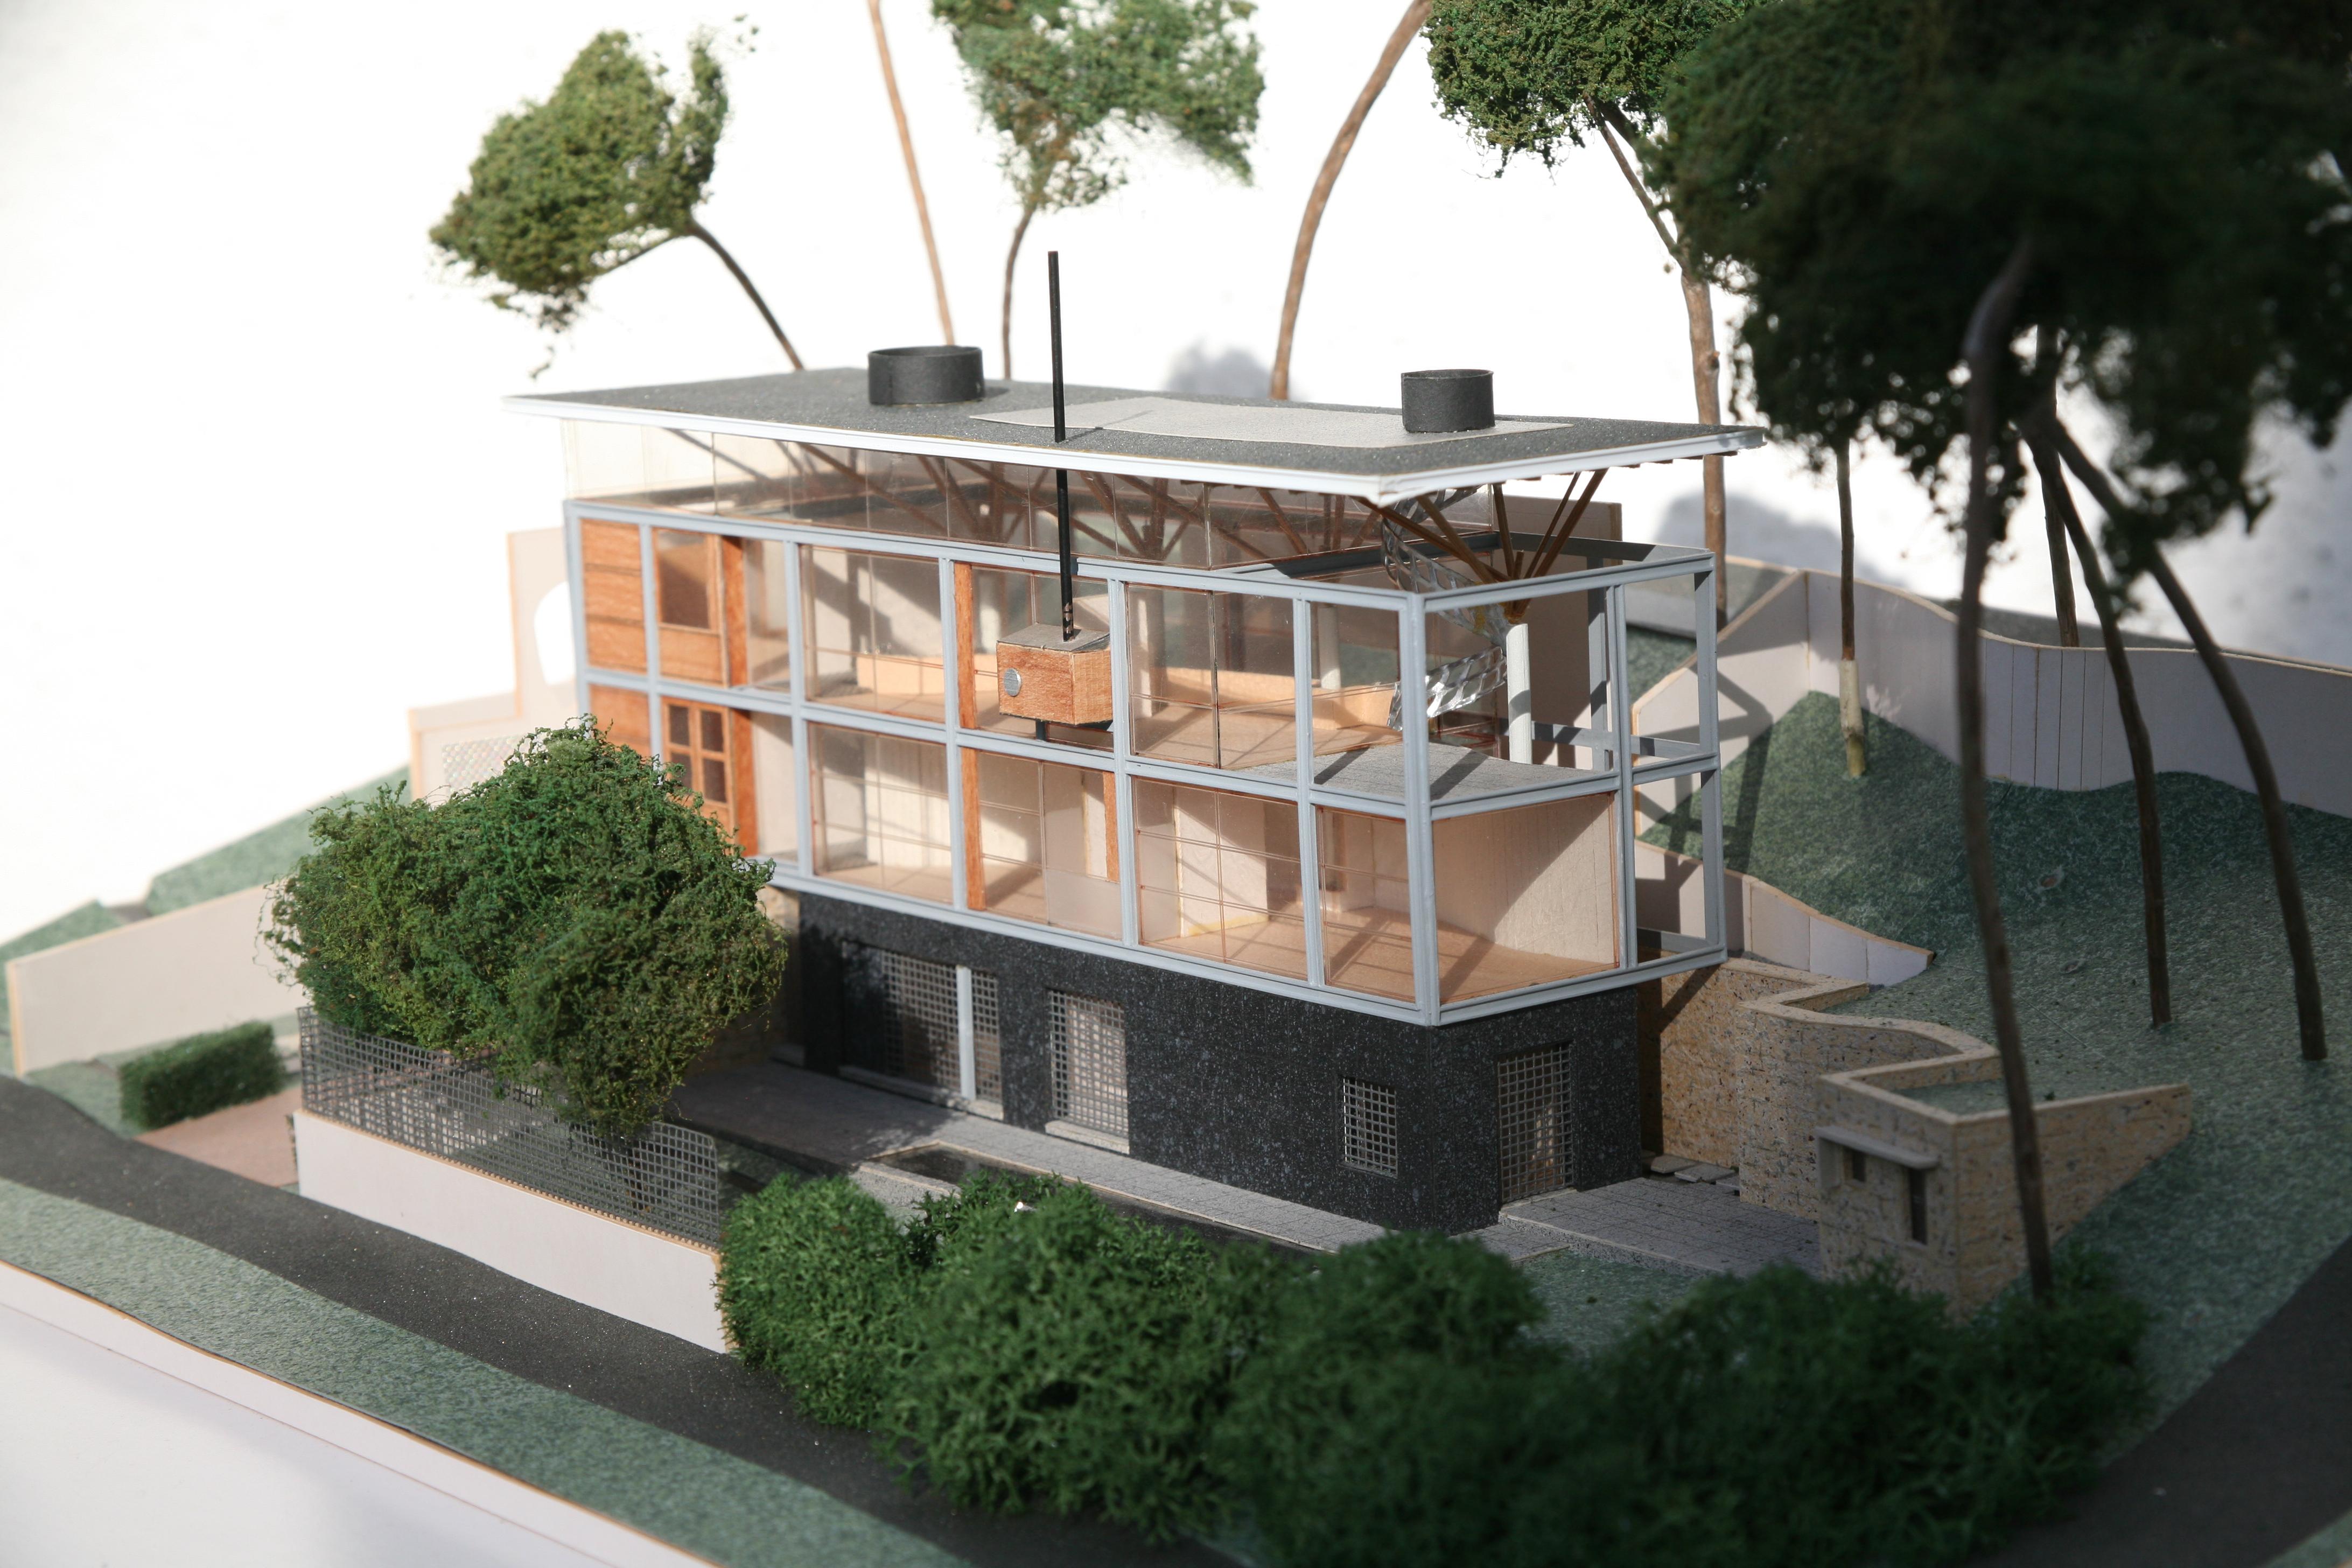 TREE HOUSE - VDMMA model